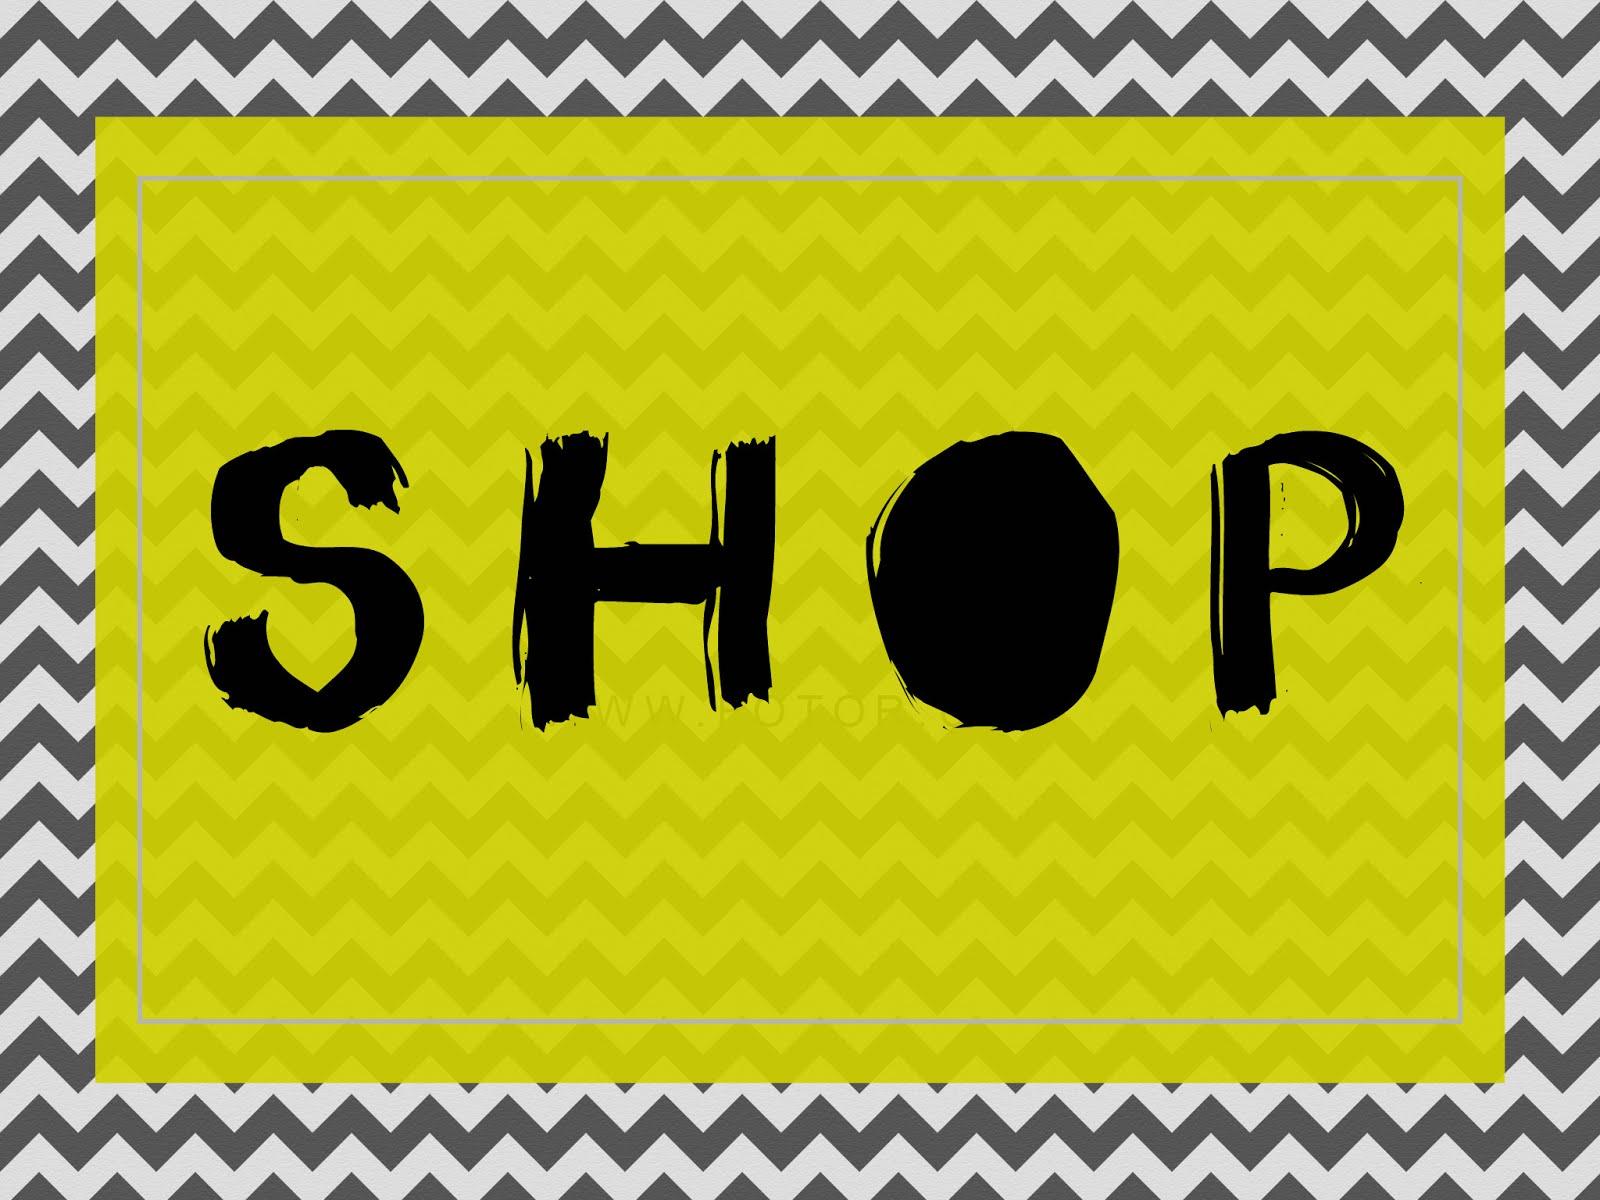 OBCHOD / SHOP